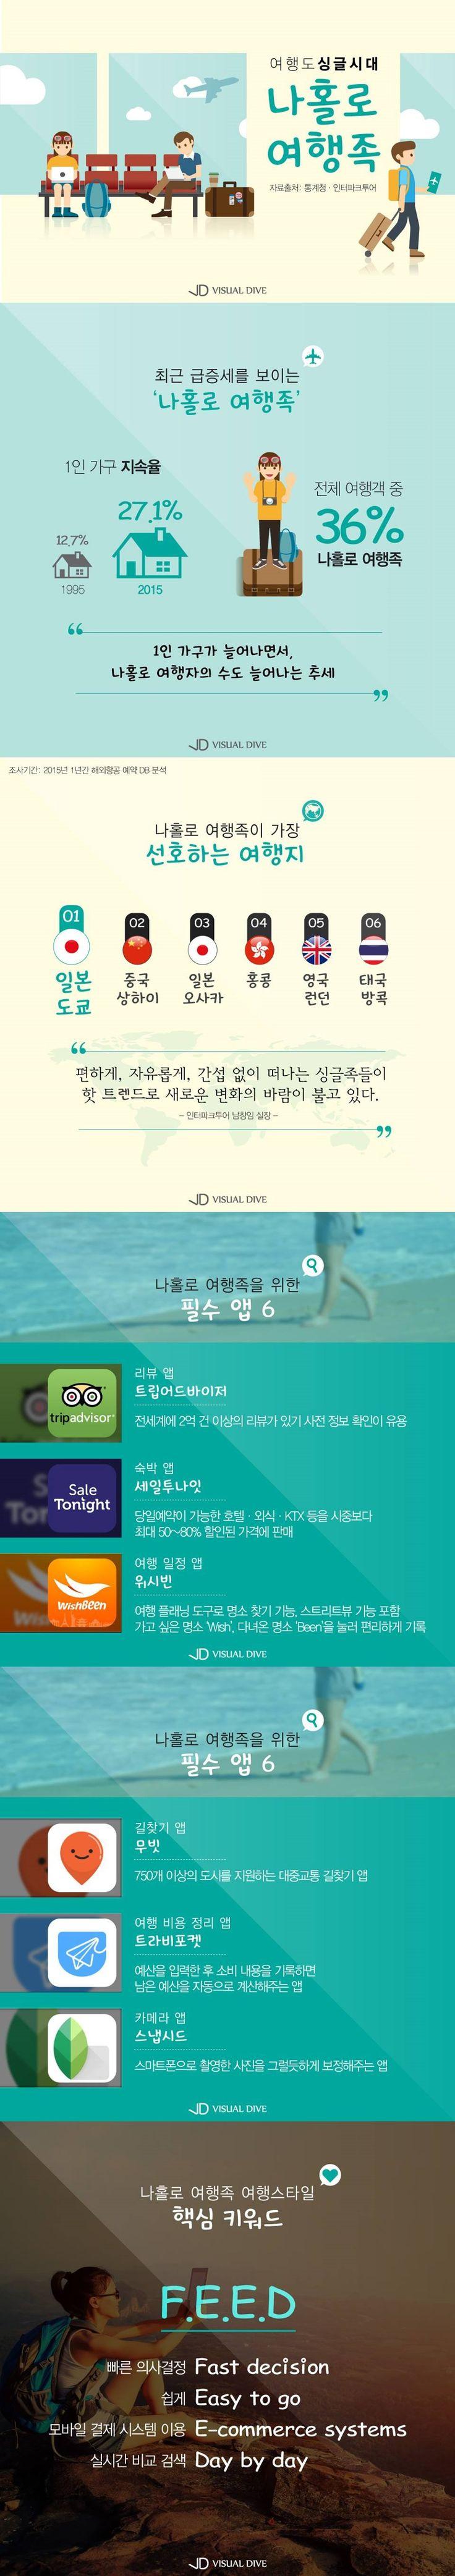 여행도 싱글시대 '나홀로 여행족' 늘어난다[인포그래픽] #travel / #Infographic ⓒ 비주얼다이브 무단 복사·전재·재배포 금지